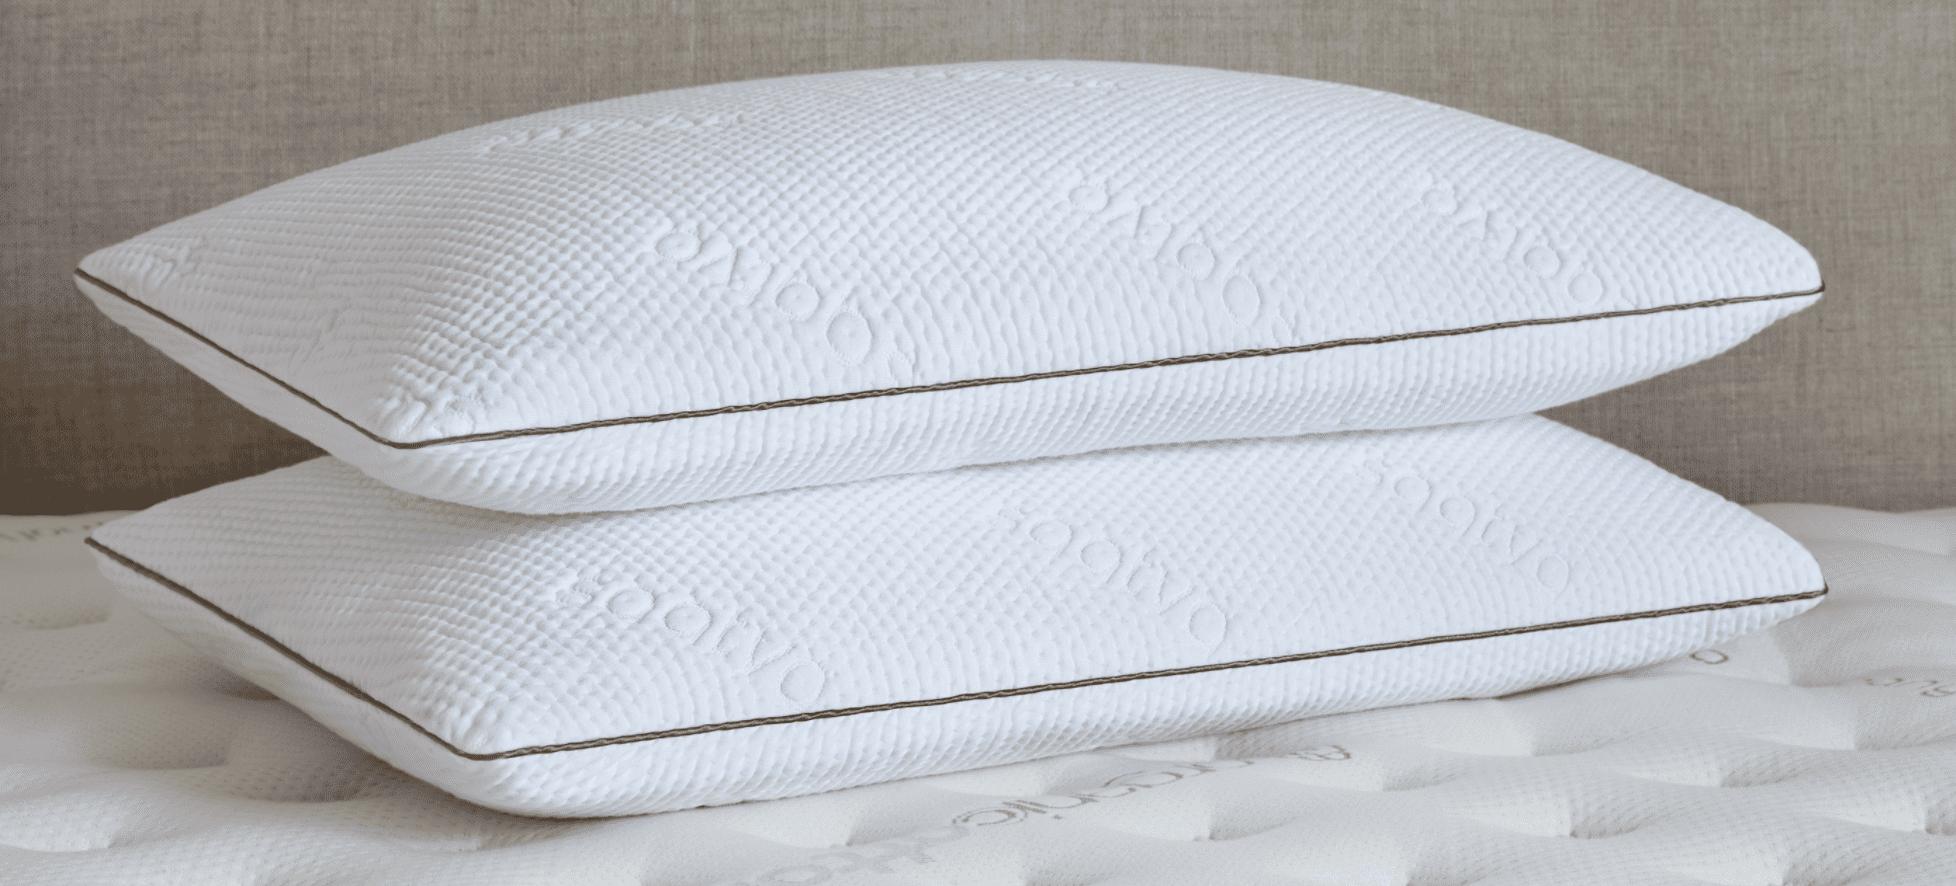 Memory Foam Pillow - Saatva